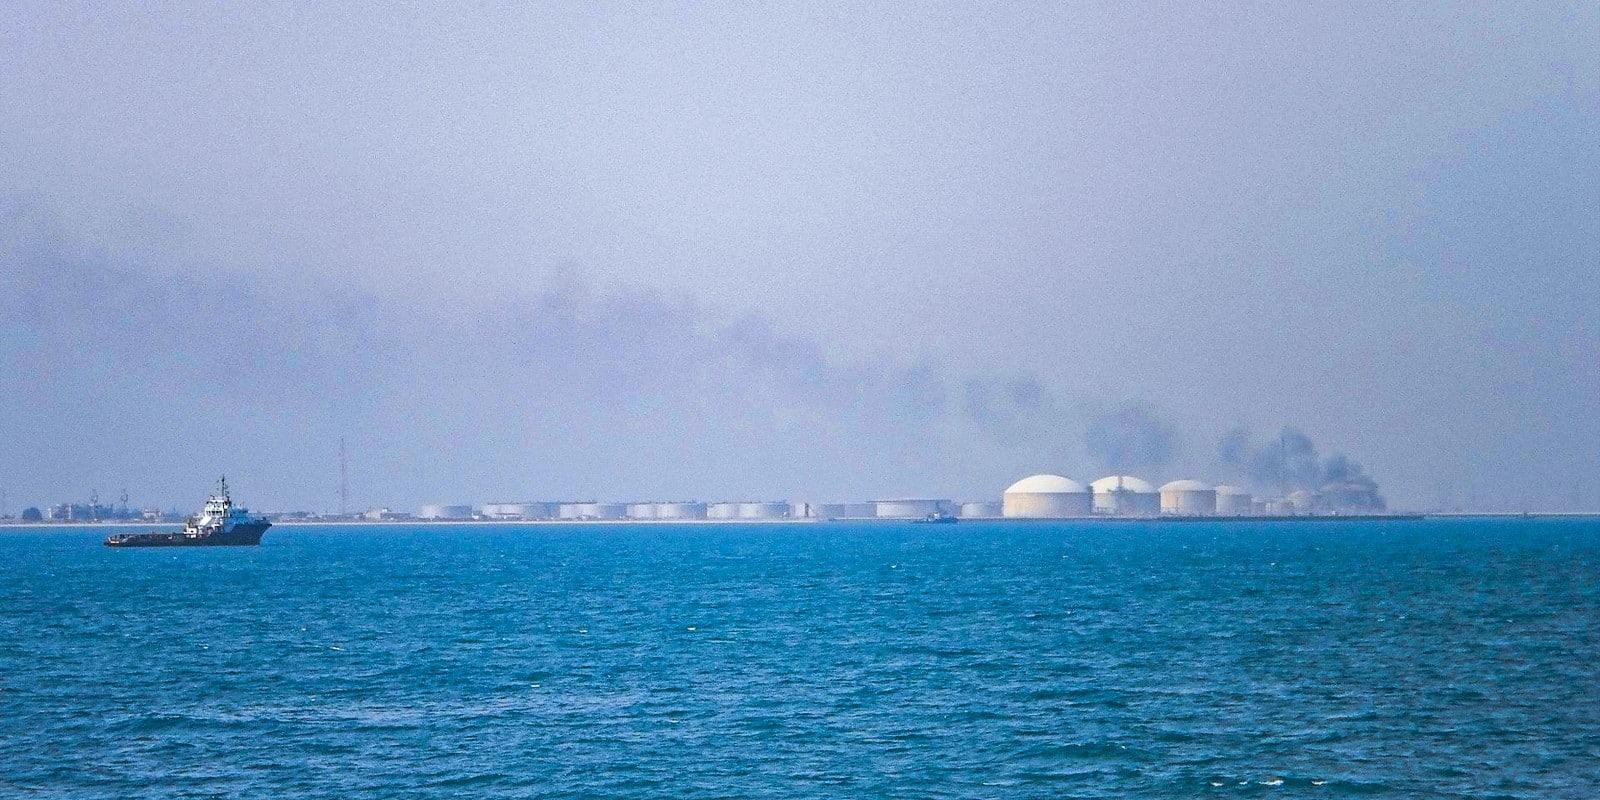 Oil tanks in Ras Tanura